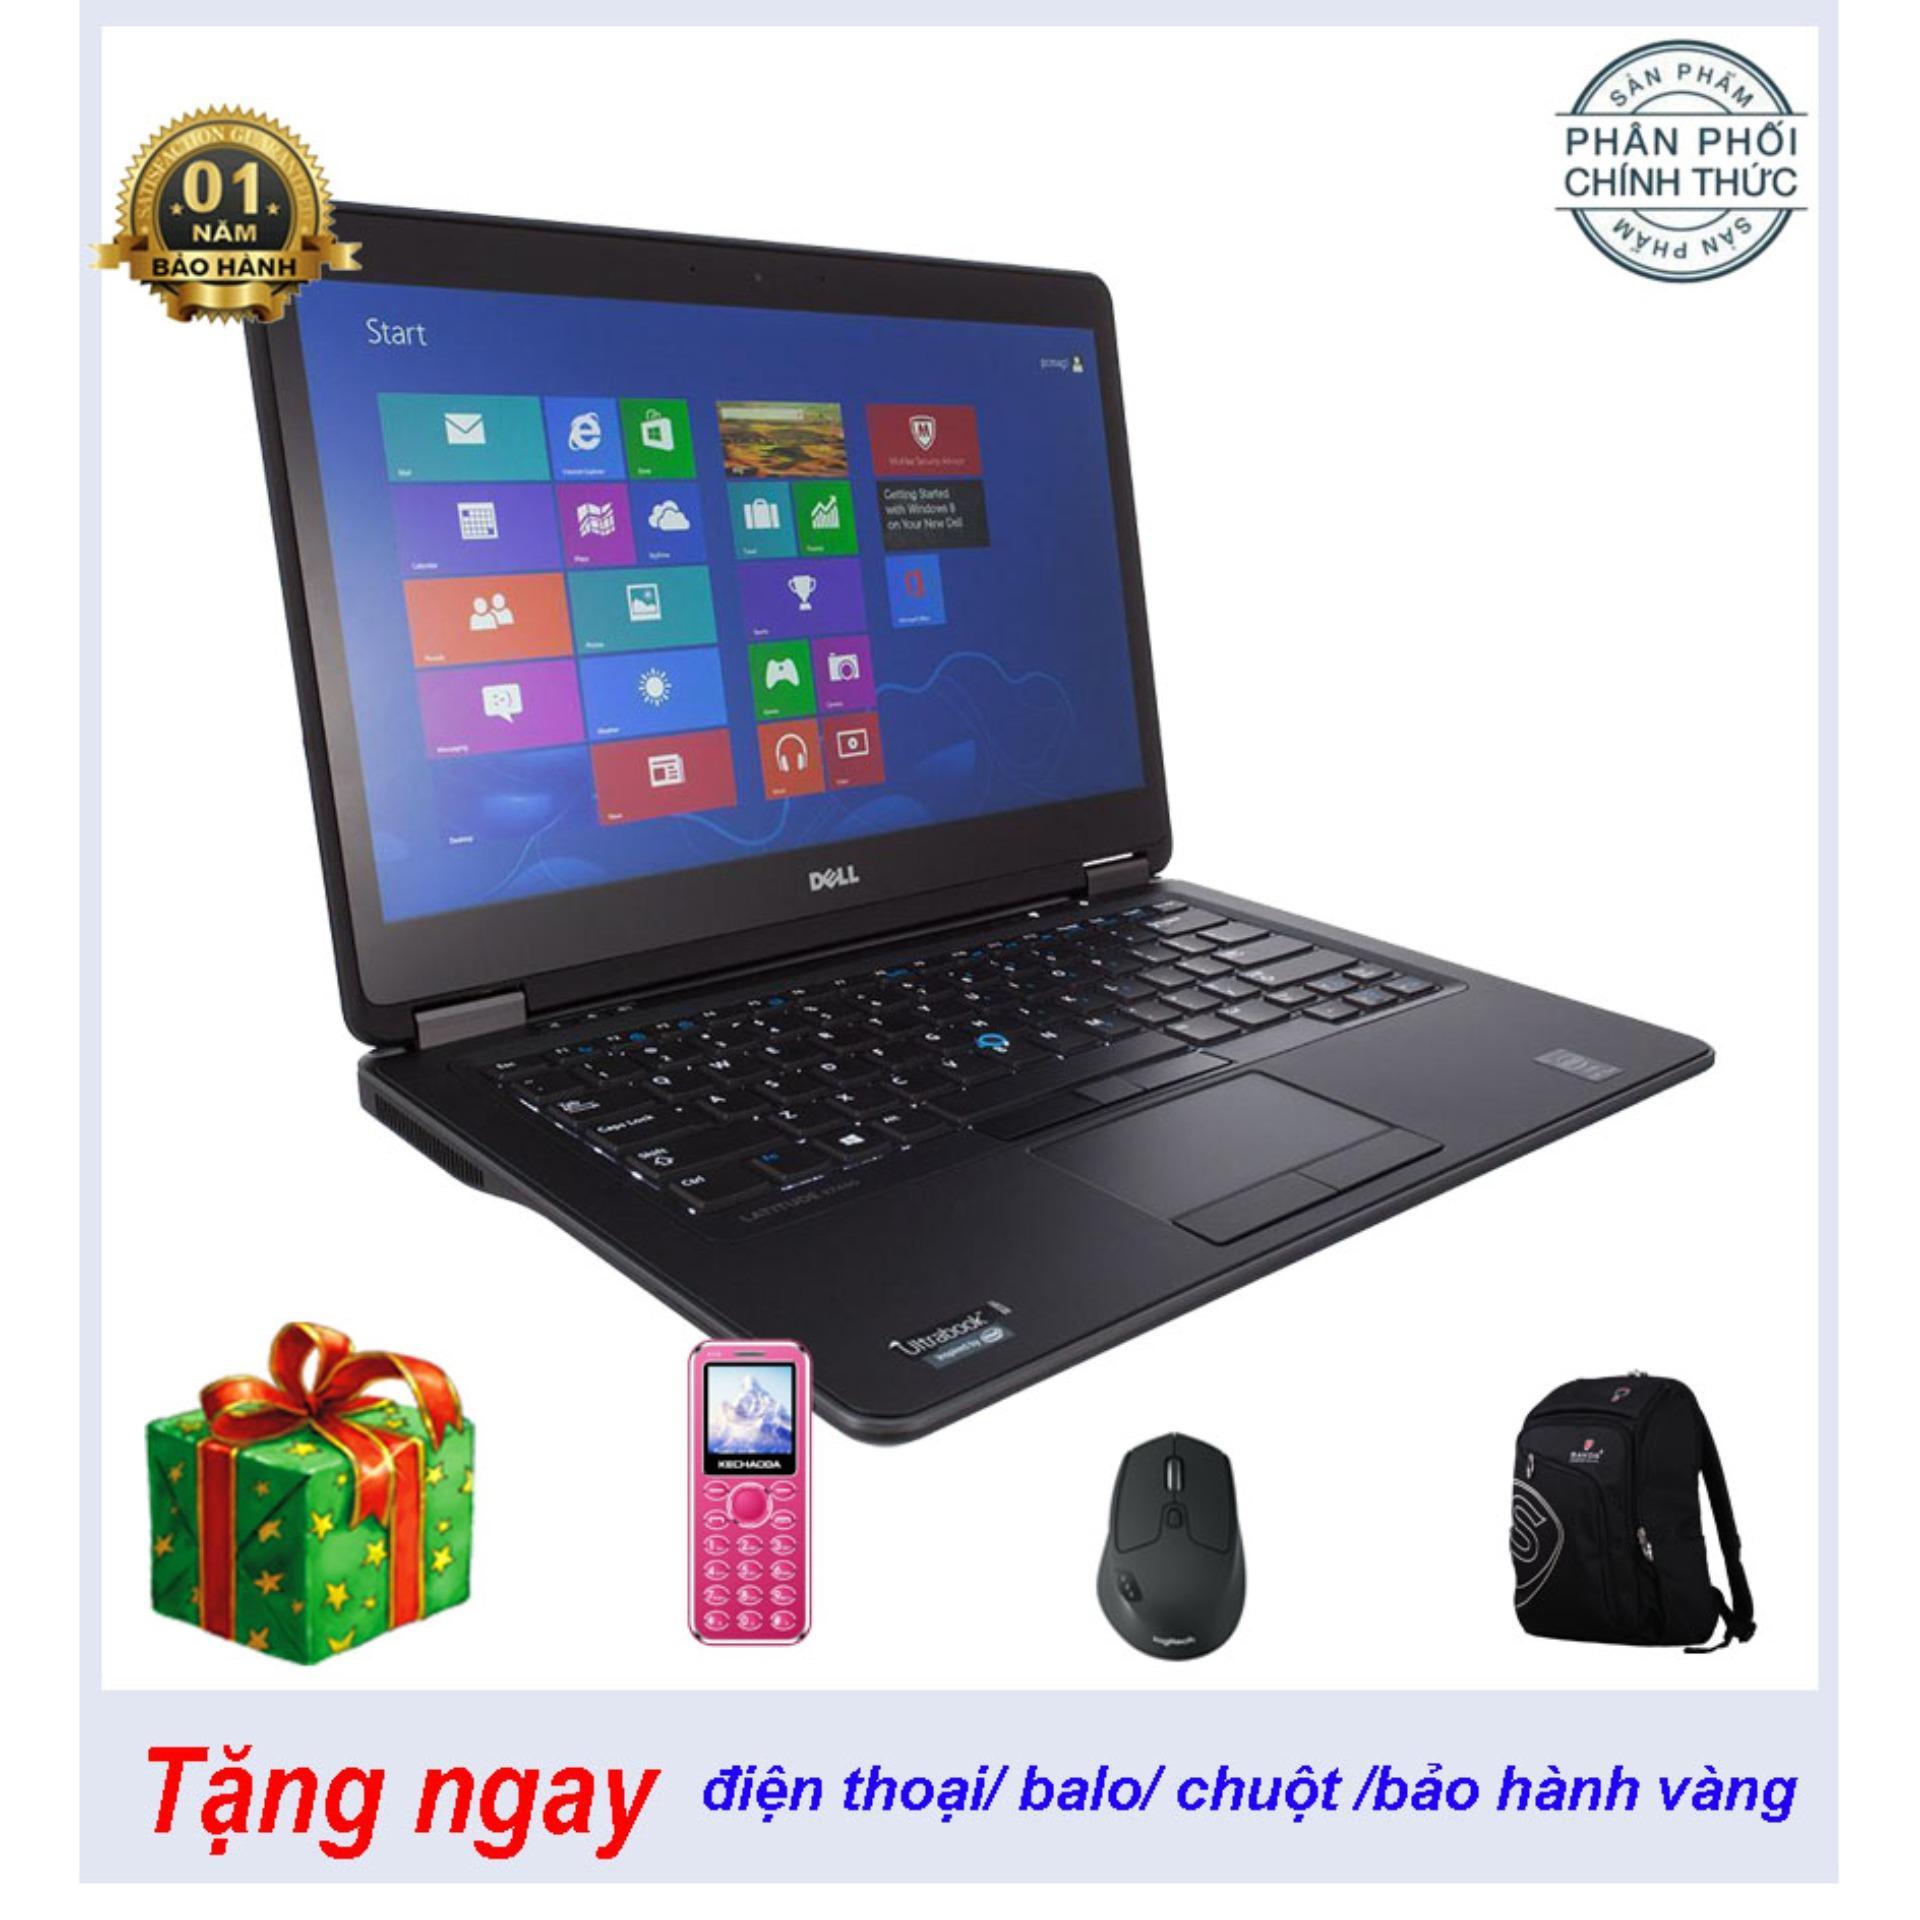 laptop Dell 7440 Nhôm mỏng nhẹ i5 4300U ram 4G HDD500G sự lựa chọn thông minh giá cực rẻ cho mua số lượng